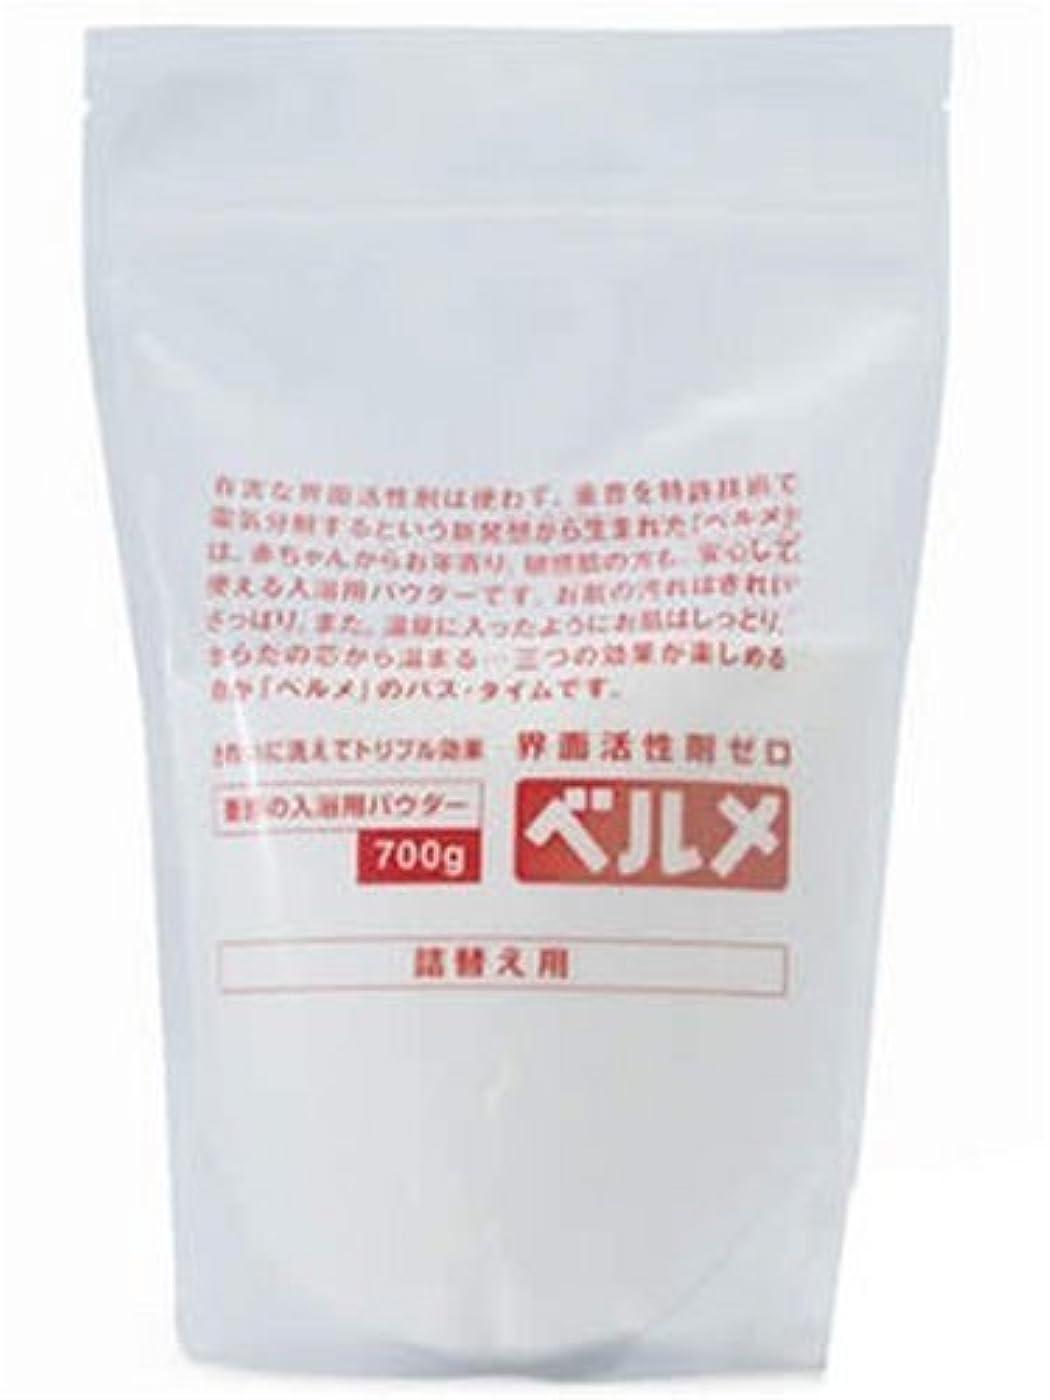 シャークスカウト羊飼いベルメ 重曹入浴用パウダー(界面活性剤ゼロ) 700g